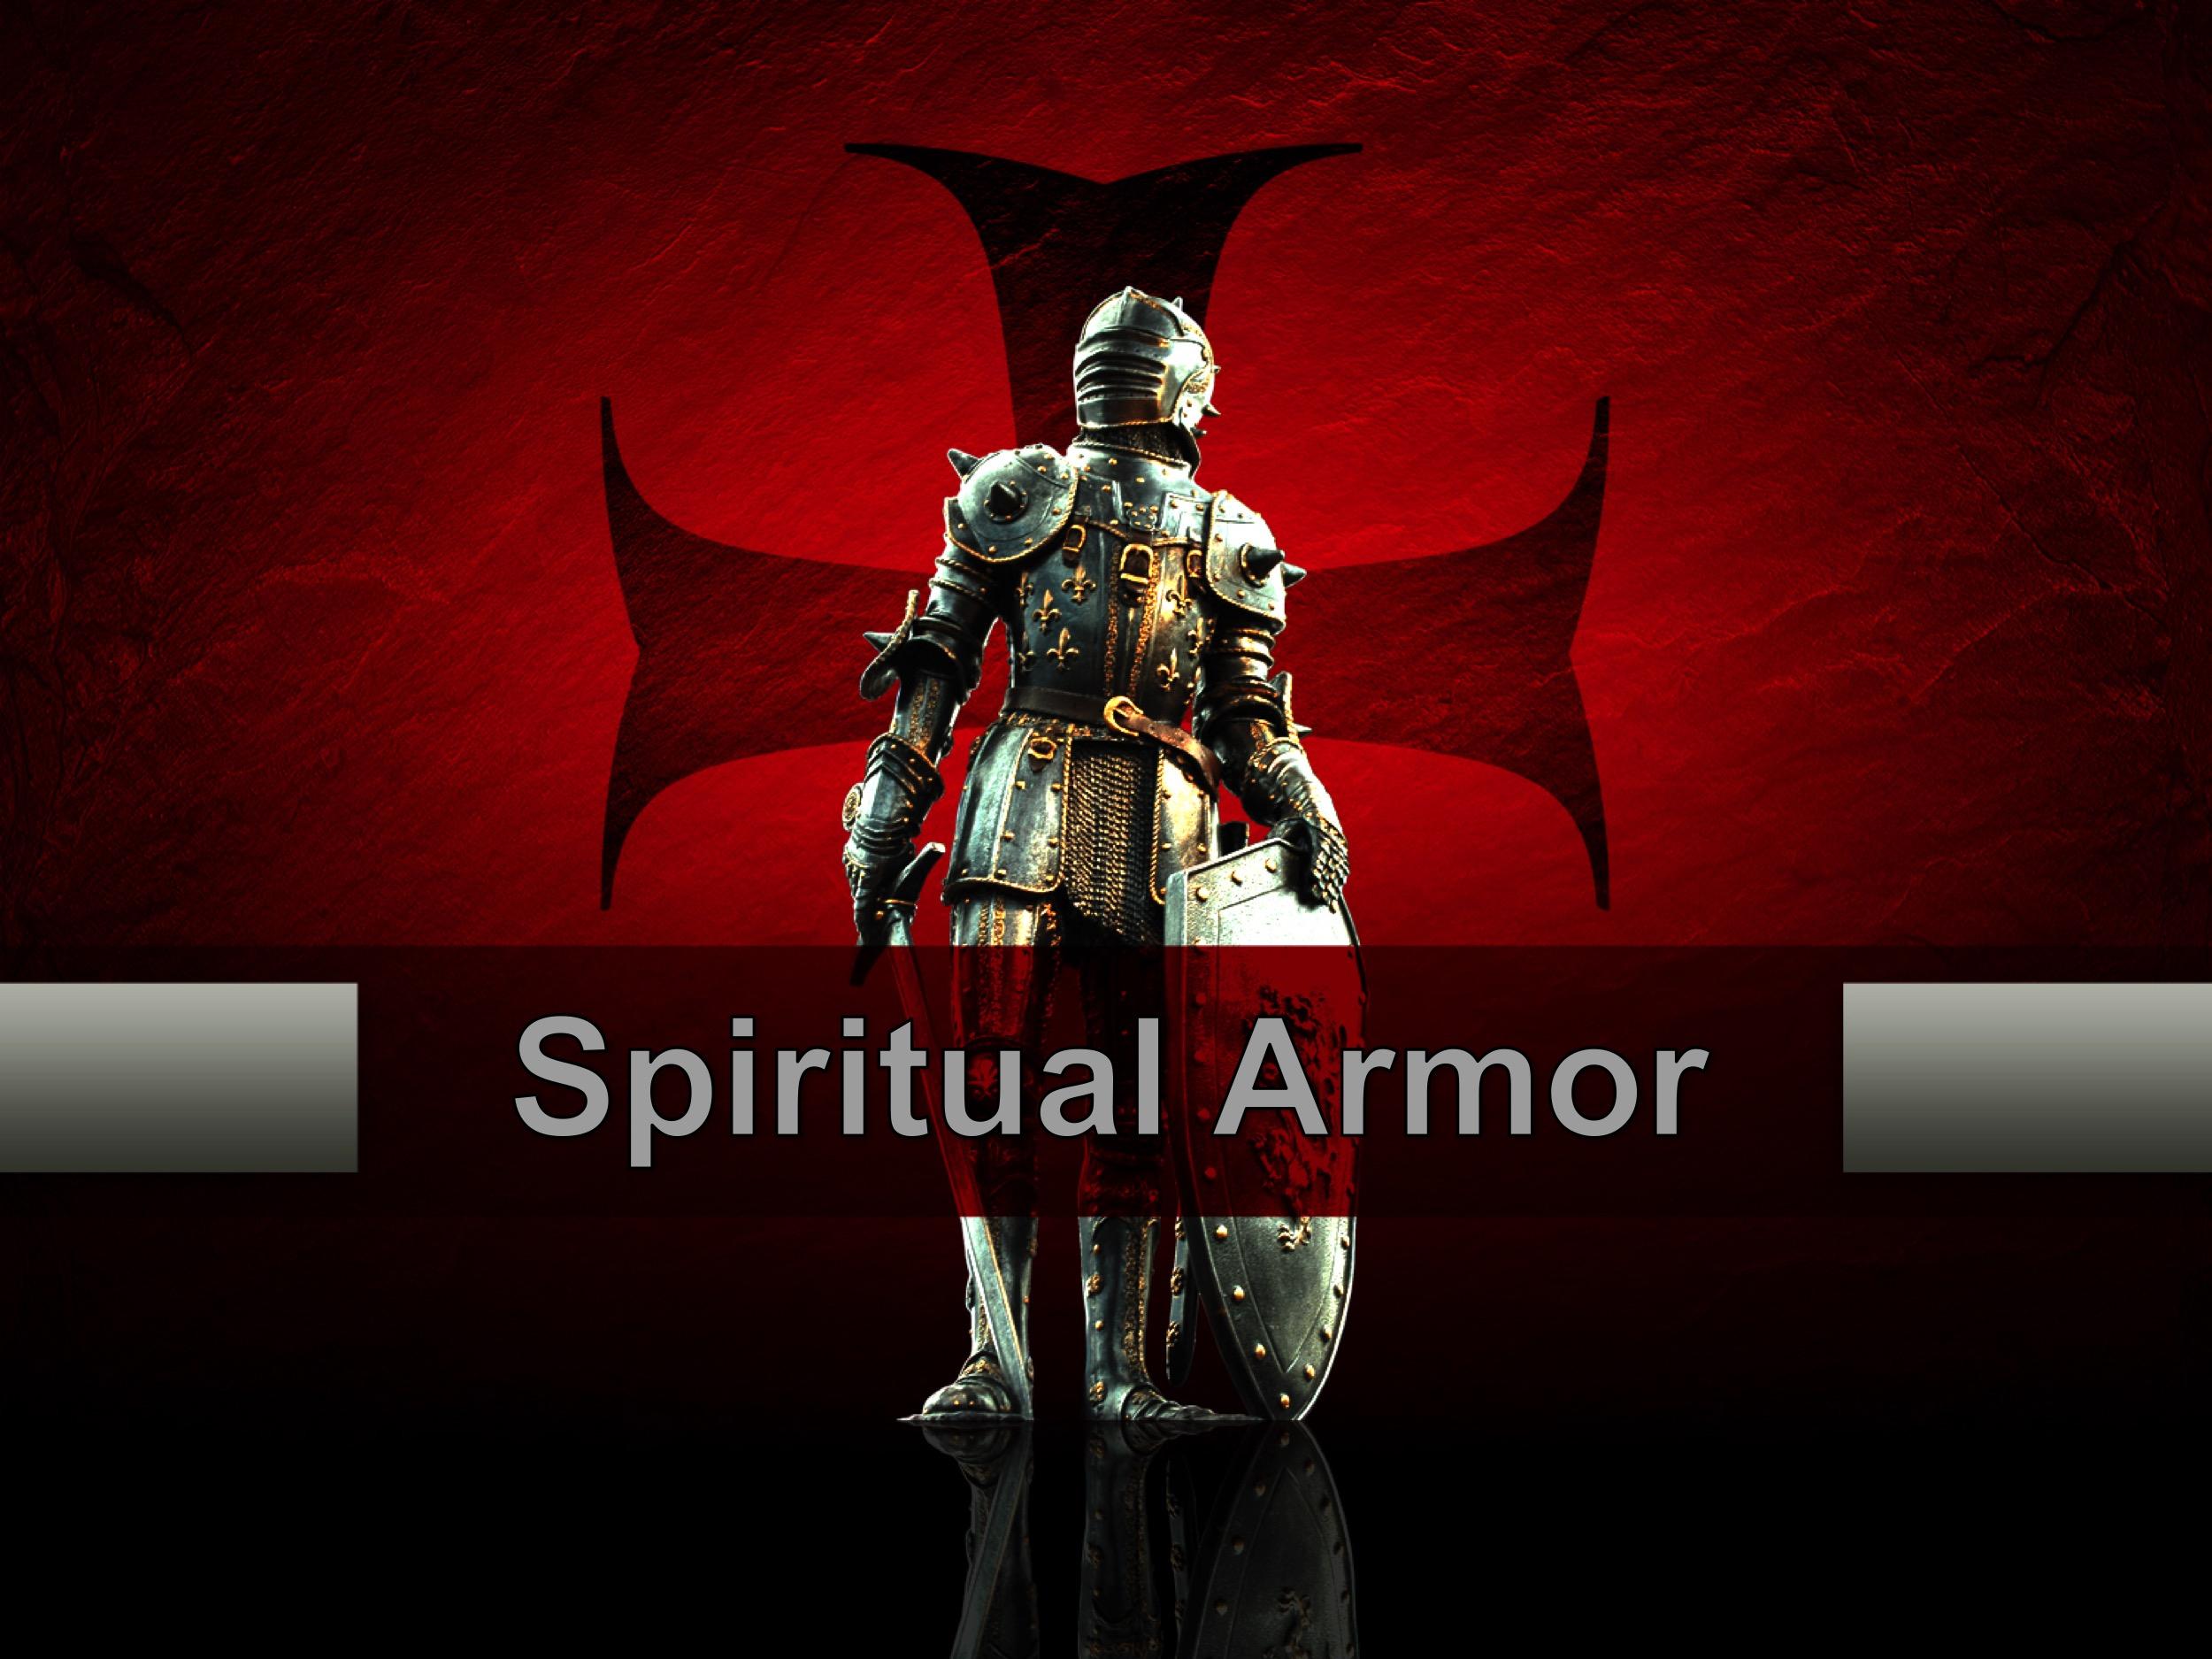 Spiritual Armour P2 7/10/2017 8:31:41 AM